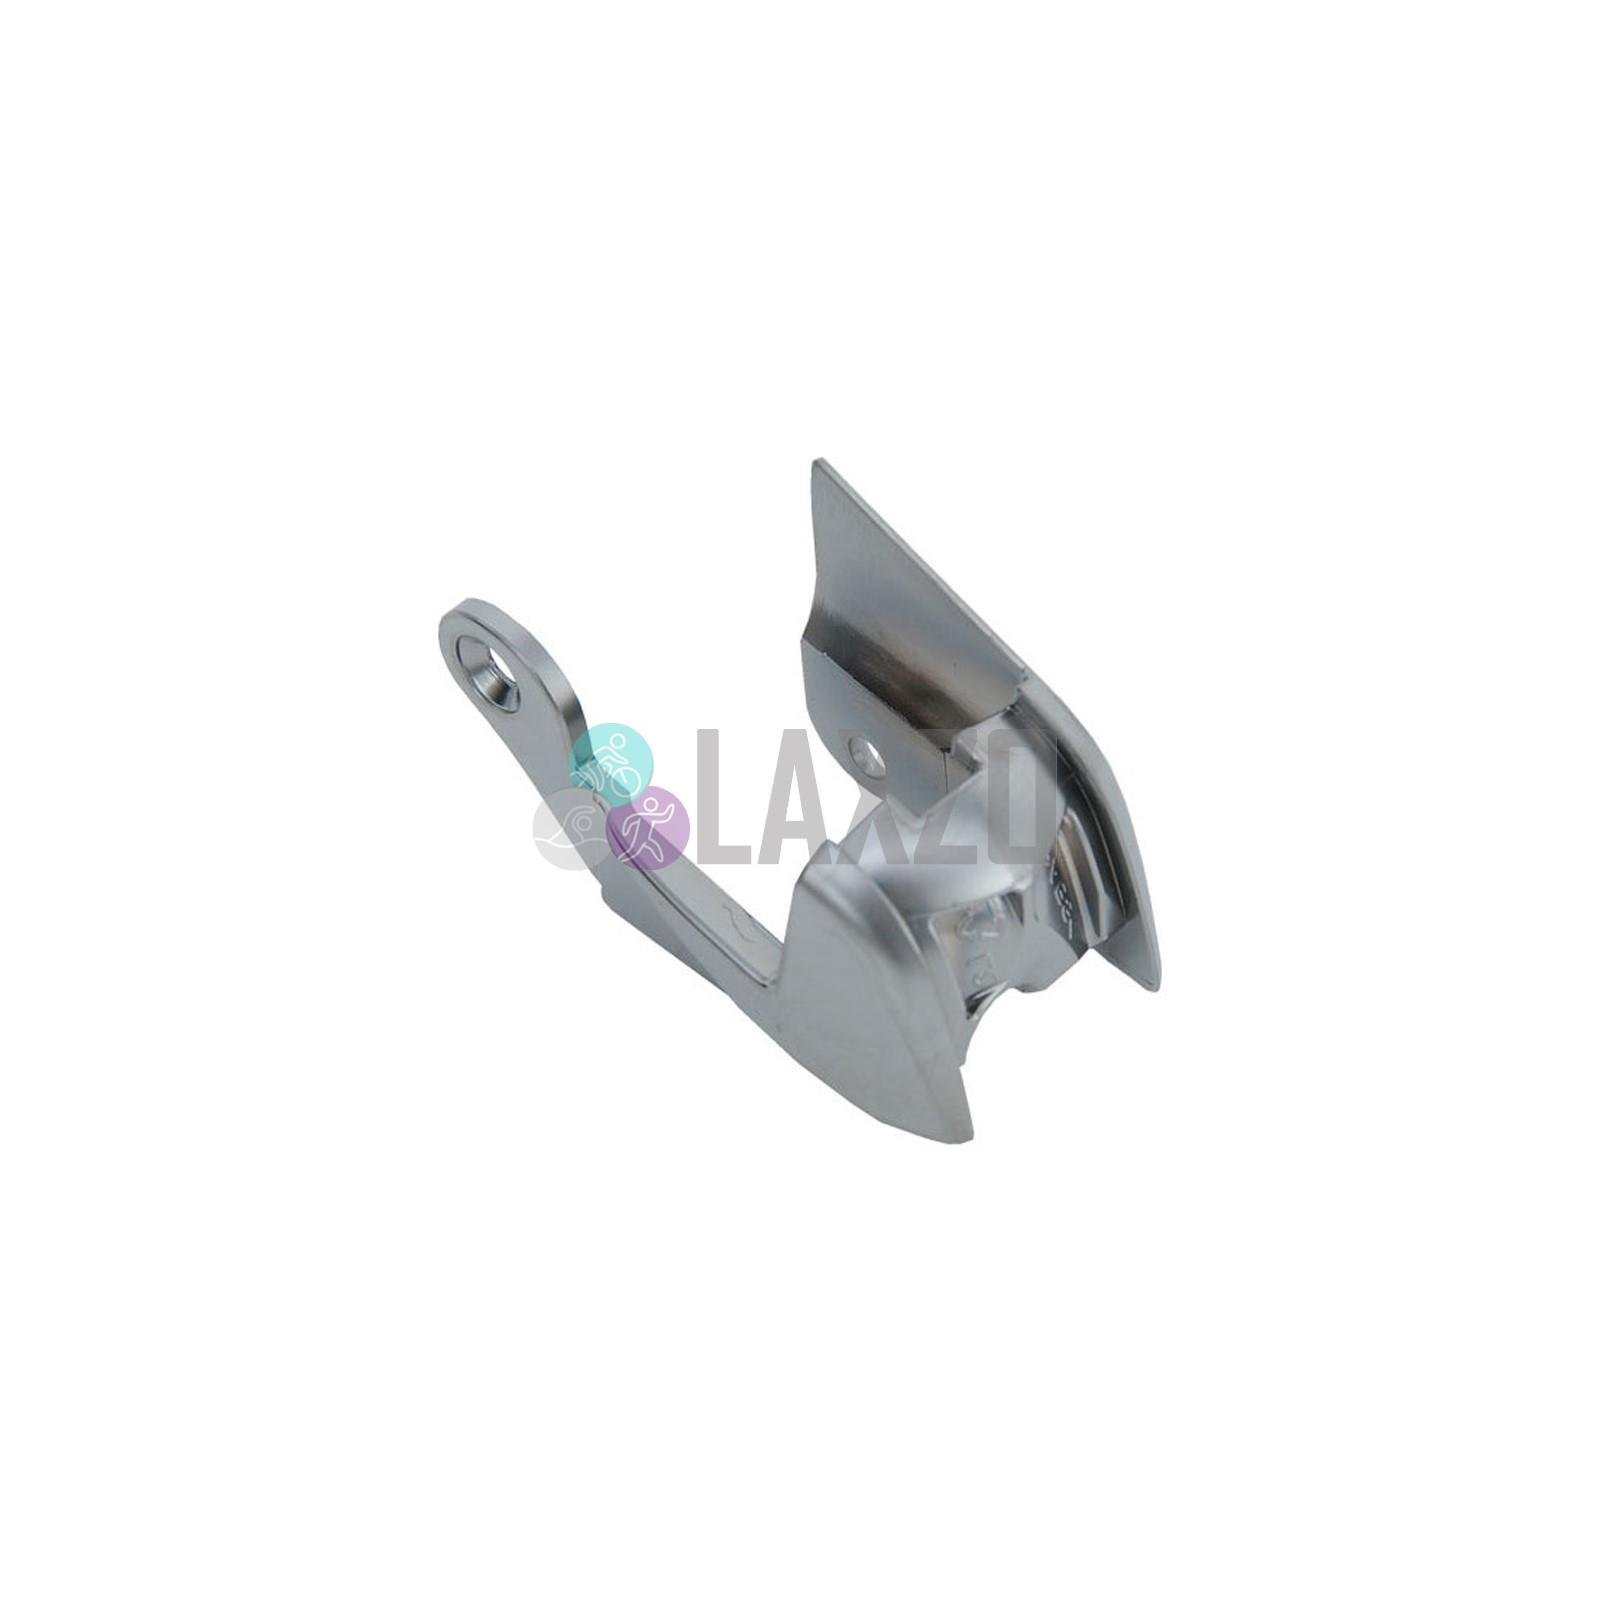 SHIMANO ULTEGRA 6800 gauche STI levier Nom Plaque et Vis de fixage Shifter partie